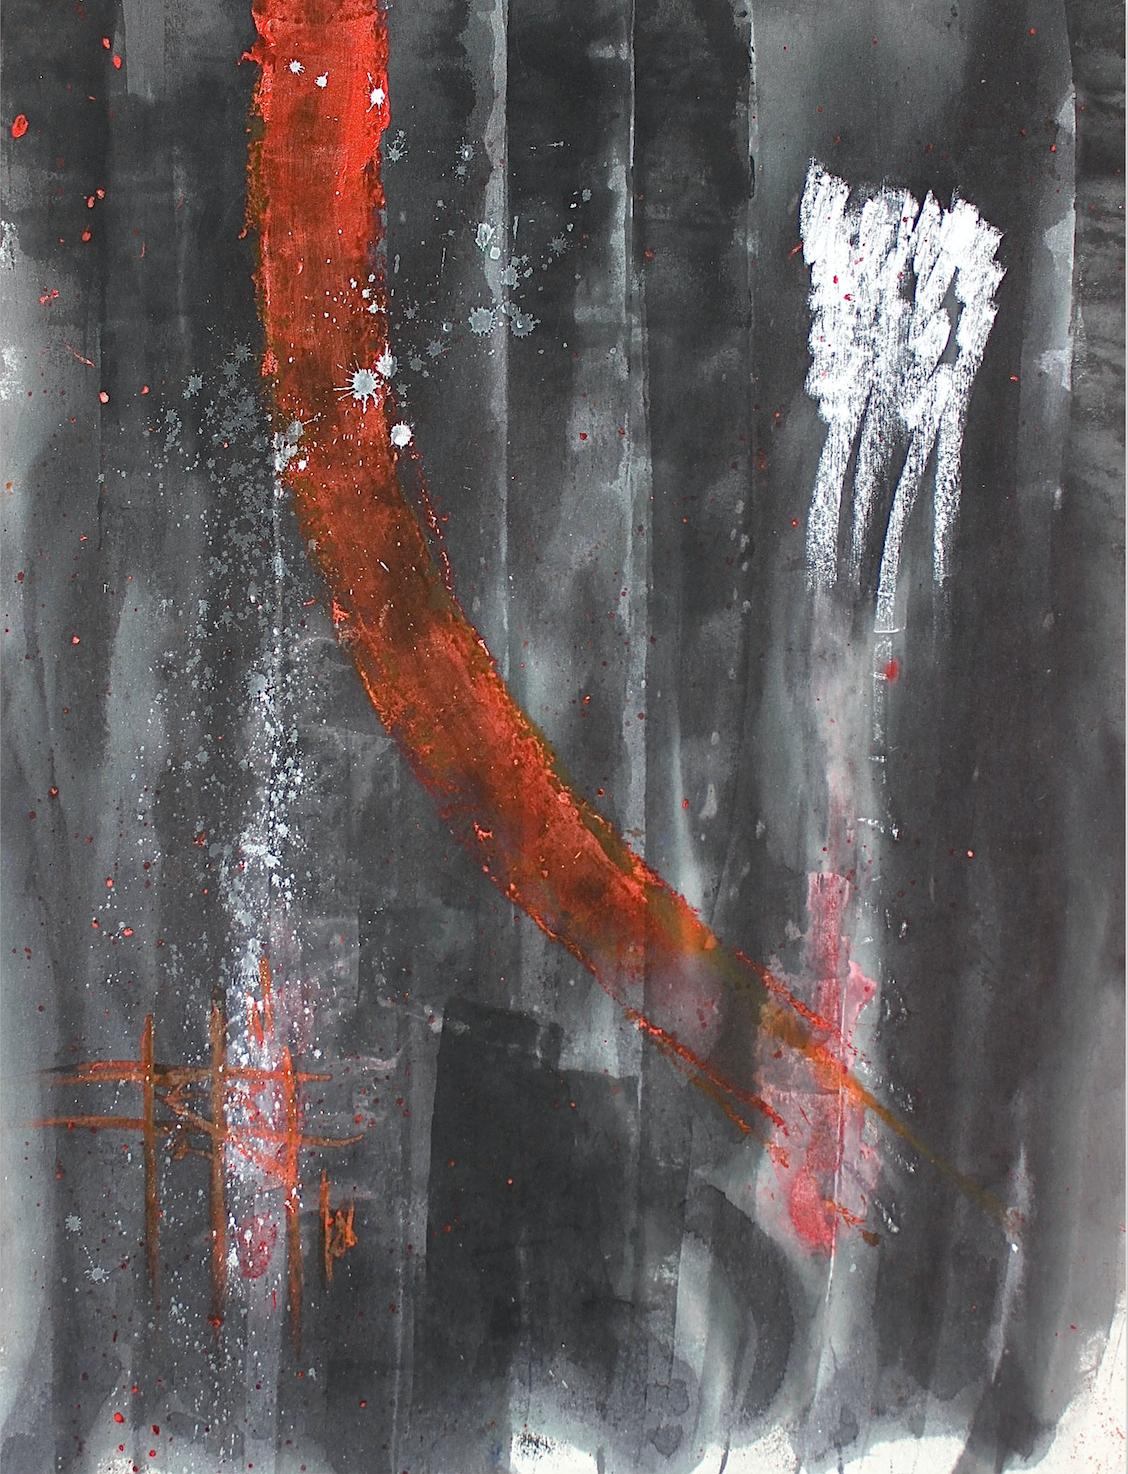 Firouz Farmanfarmaian, Totem III, plastic, pigment, wax and oil on canvas, 130 x 100 cm, 2018